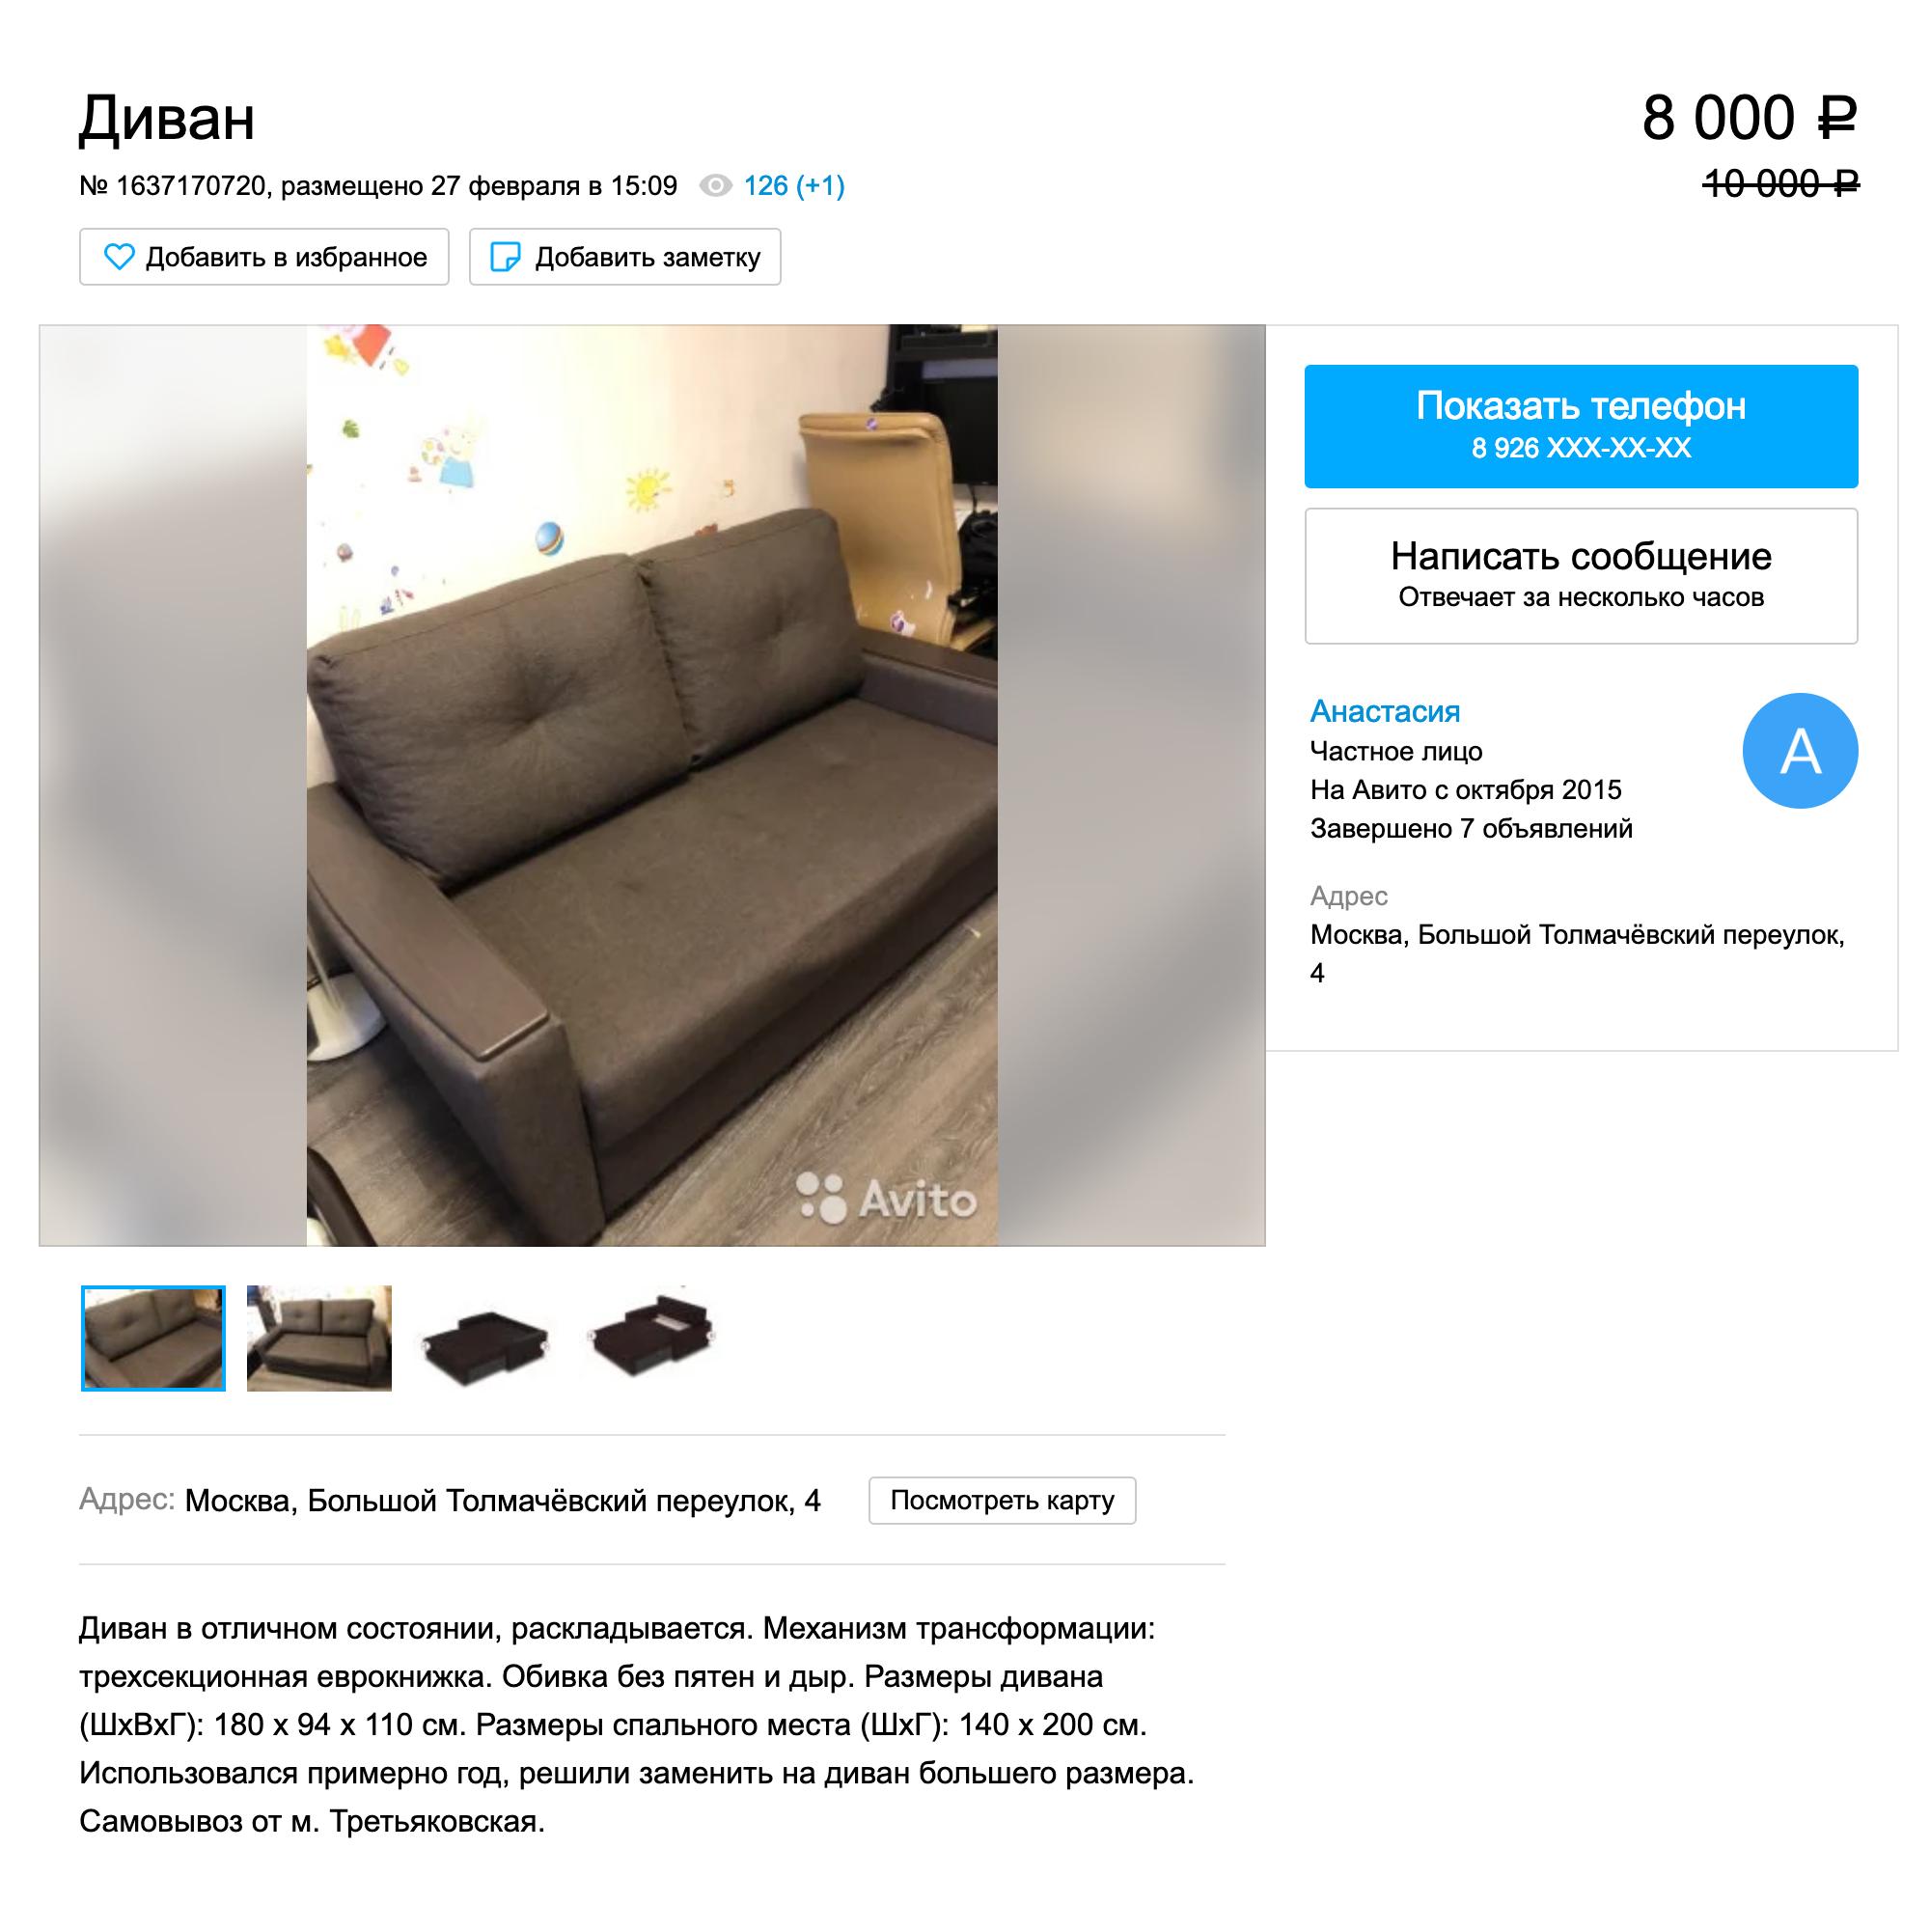 В описании указана вся информация, которая нужна покупателю дивана